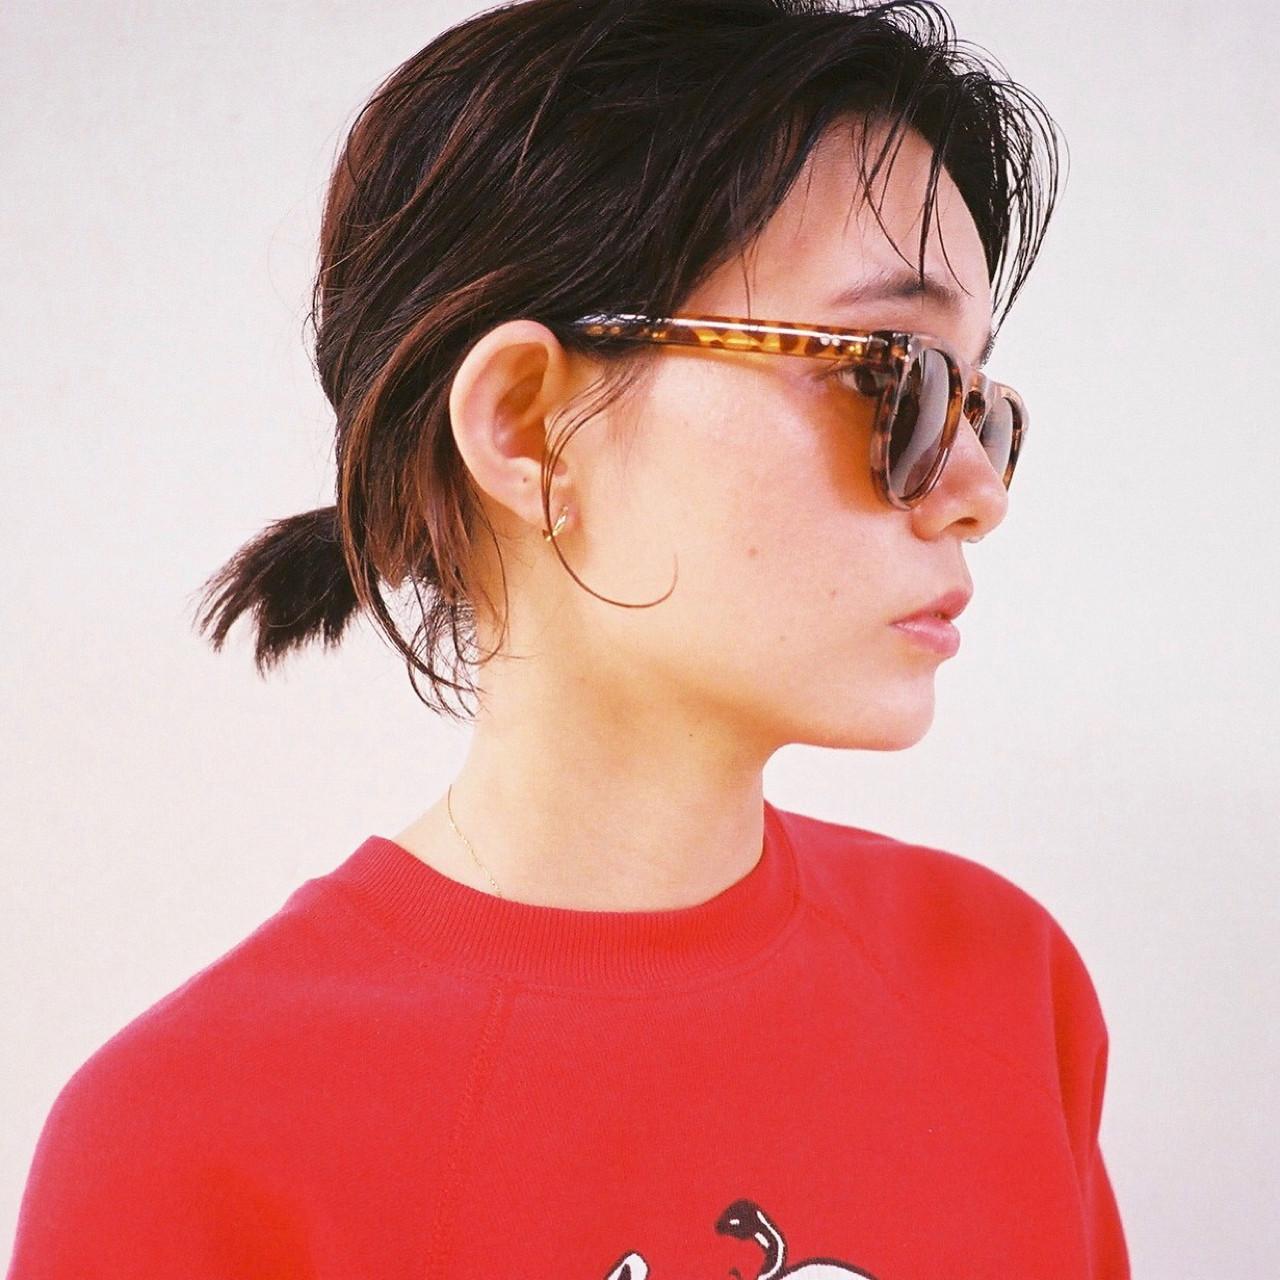 ヘアアレンジ オン眉 ボブ ナチュラル ヘアスタイルや髪型の写真・画像 | 磯田 基徳 / siki